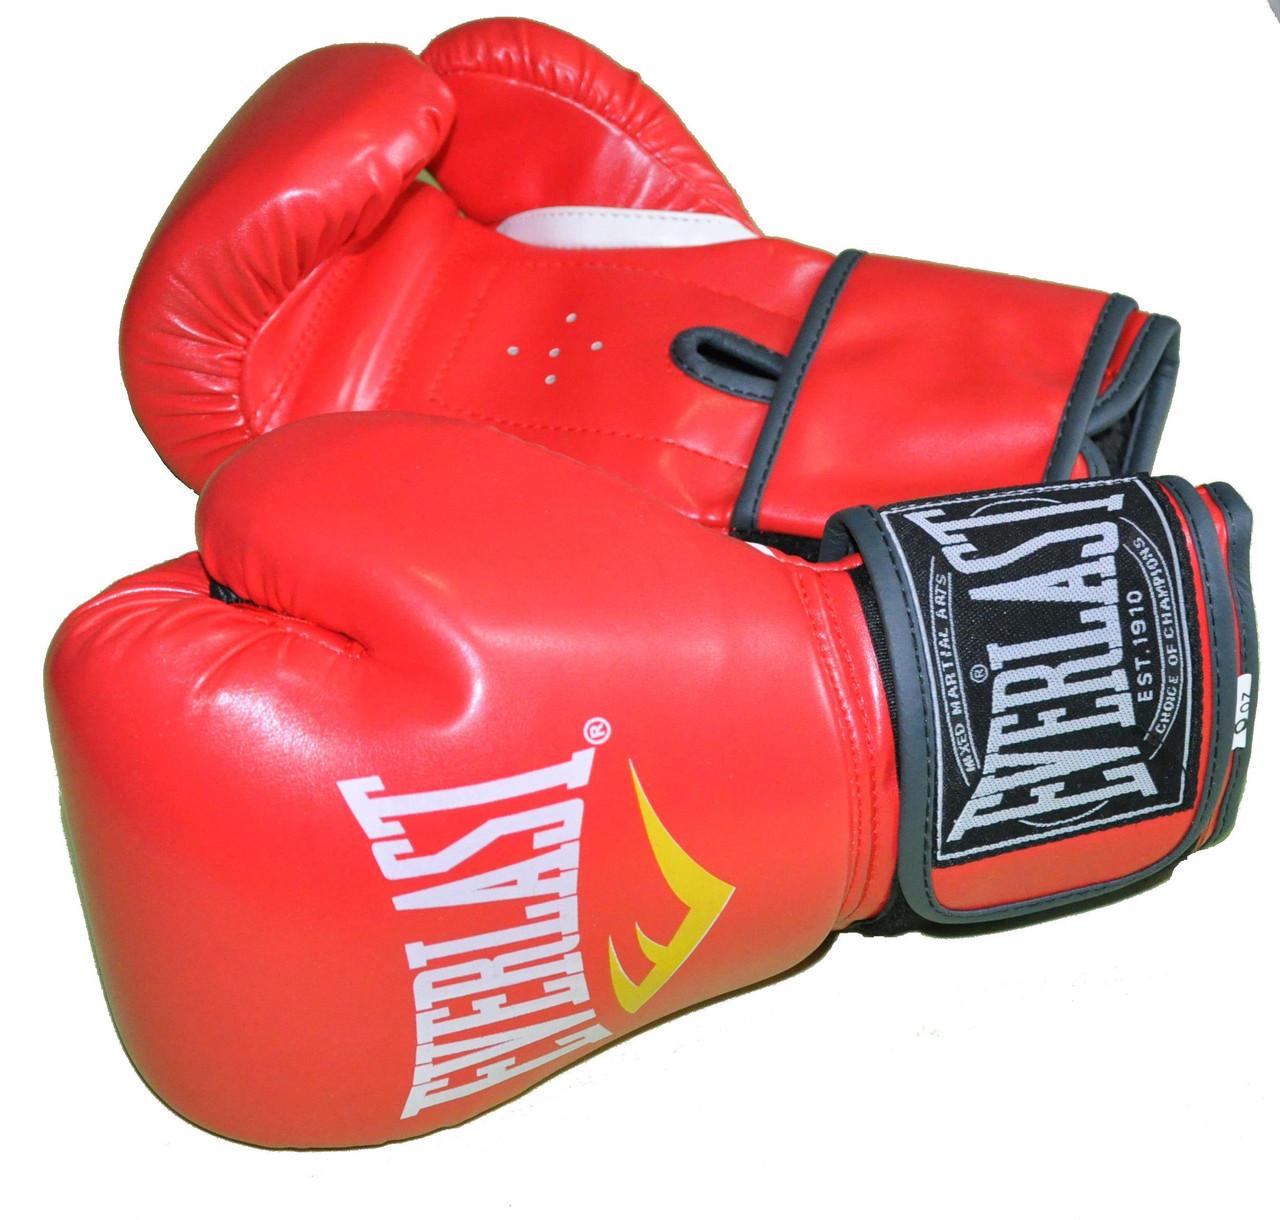 Детские боксерские перчатки в стиле EVERLAST BO-3987-8RD   размер 8 унц.